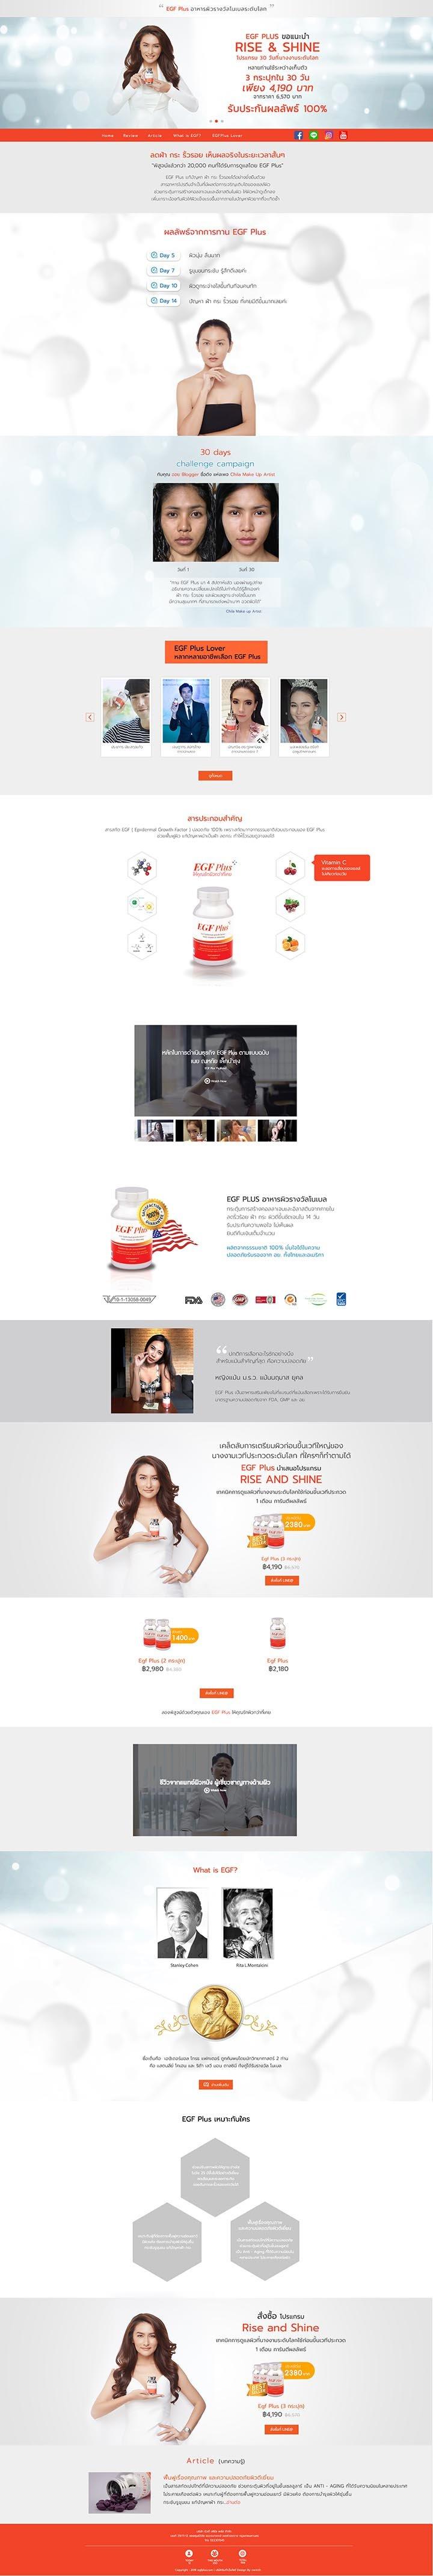 บริษัททำเว็บอาหารเสริม ฝ้ากระ ริ้วรอย จุดด่างดำ หน้าเด็กลง ผิวสวย